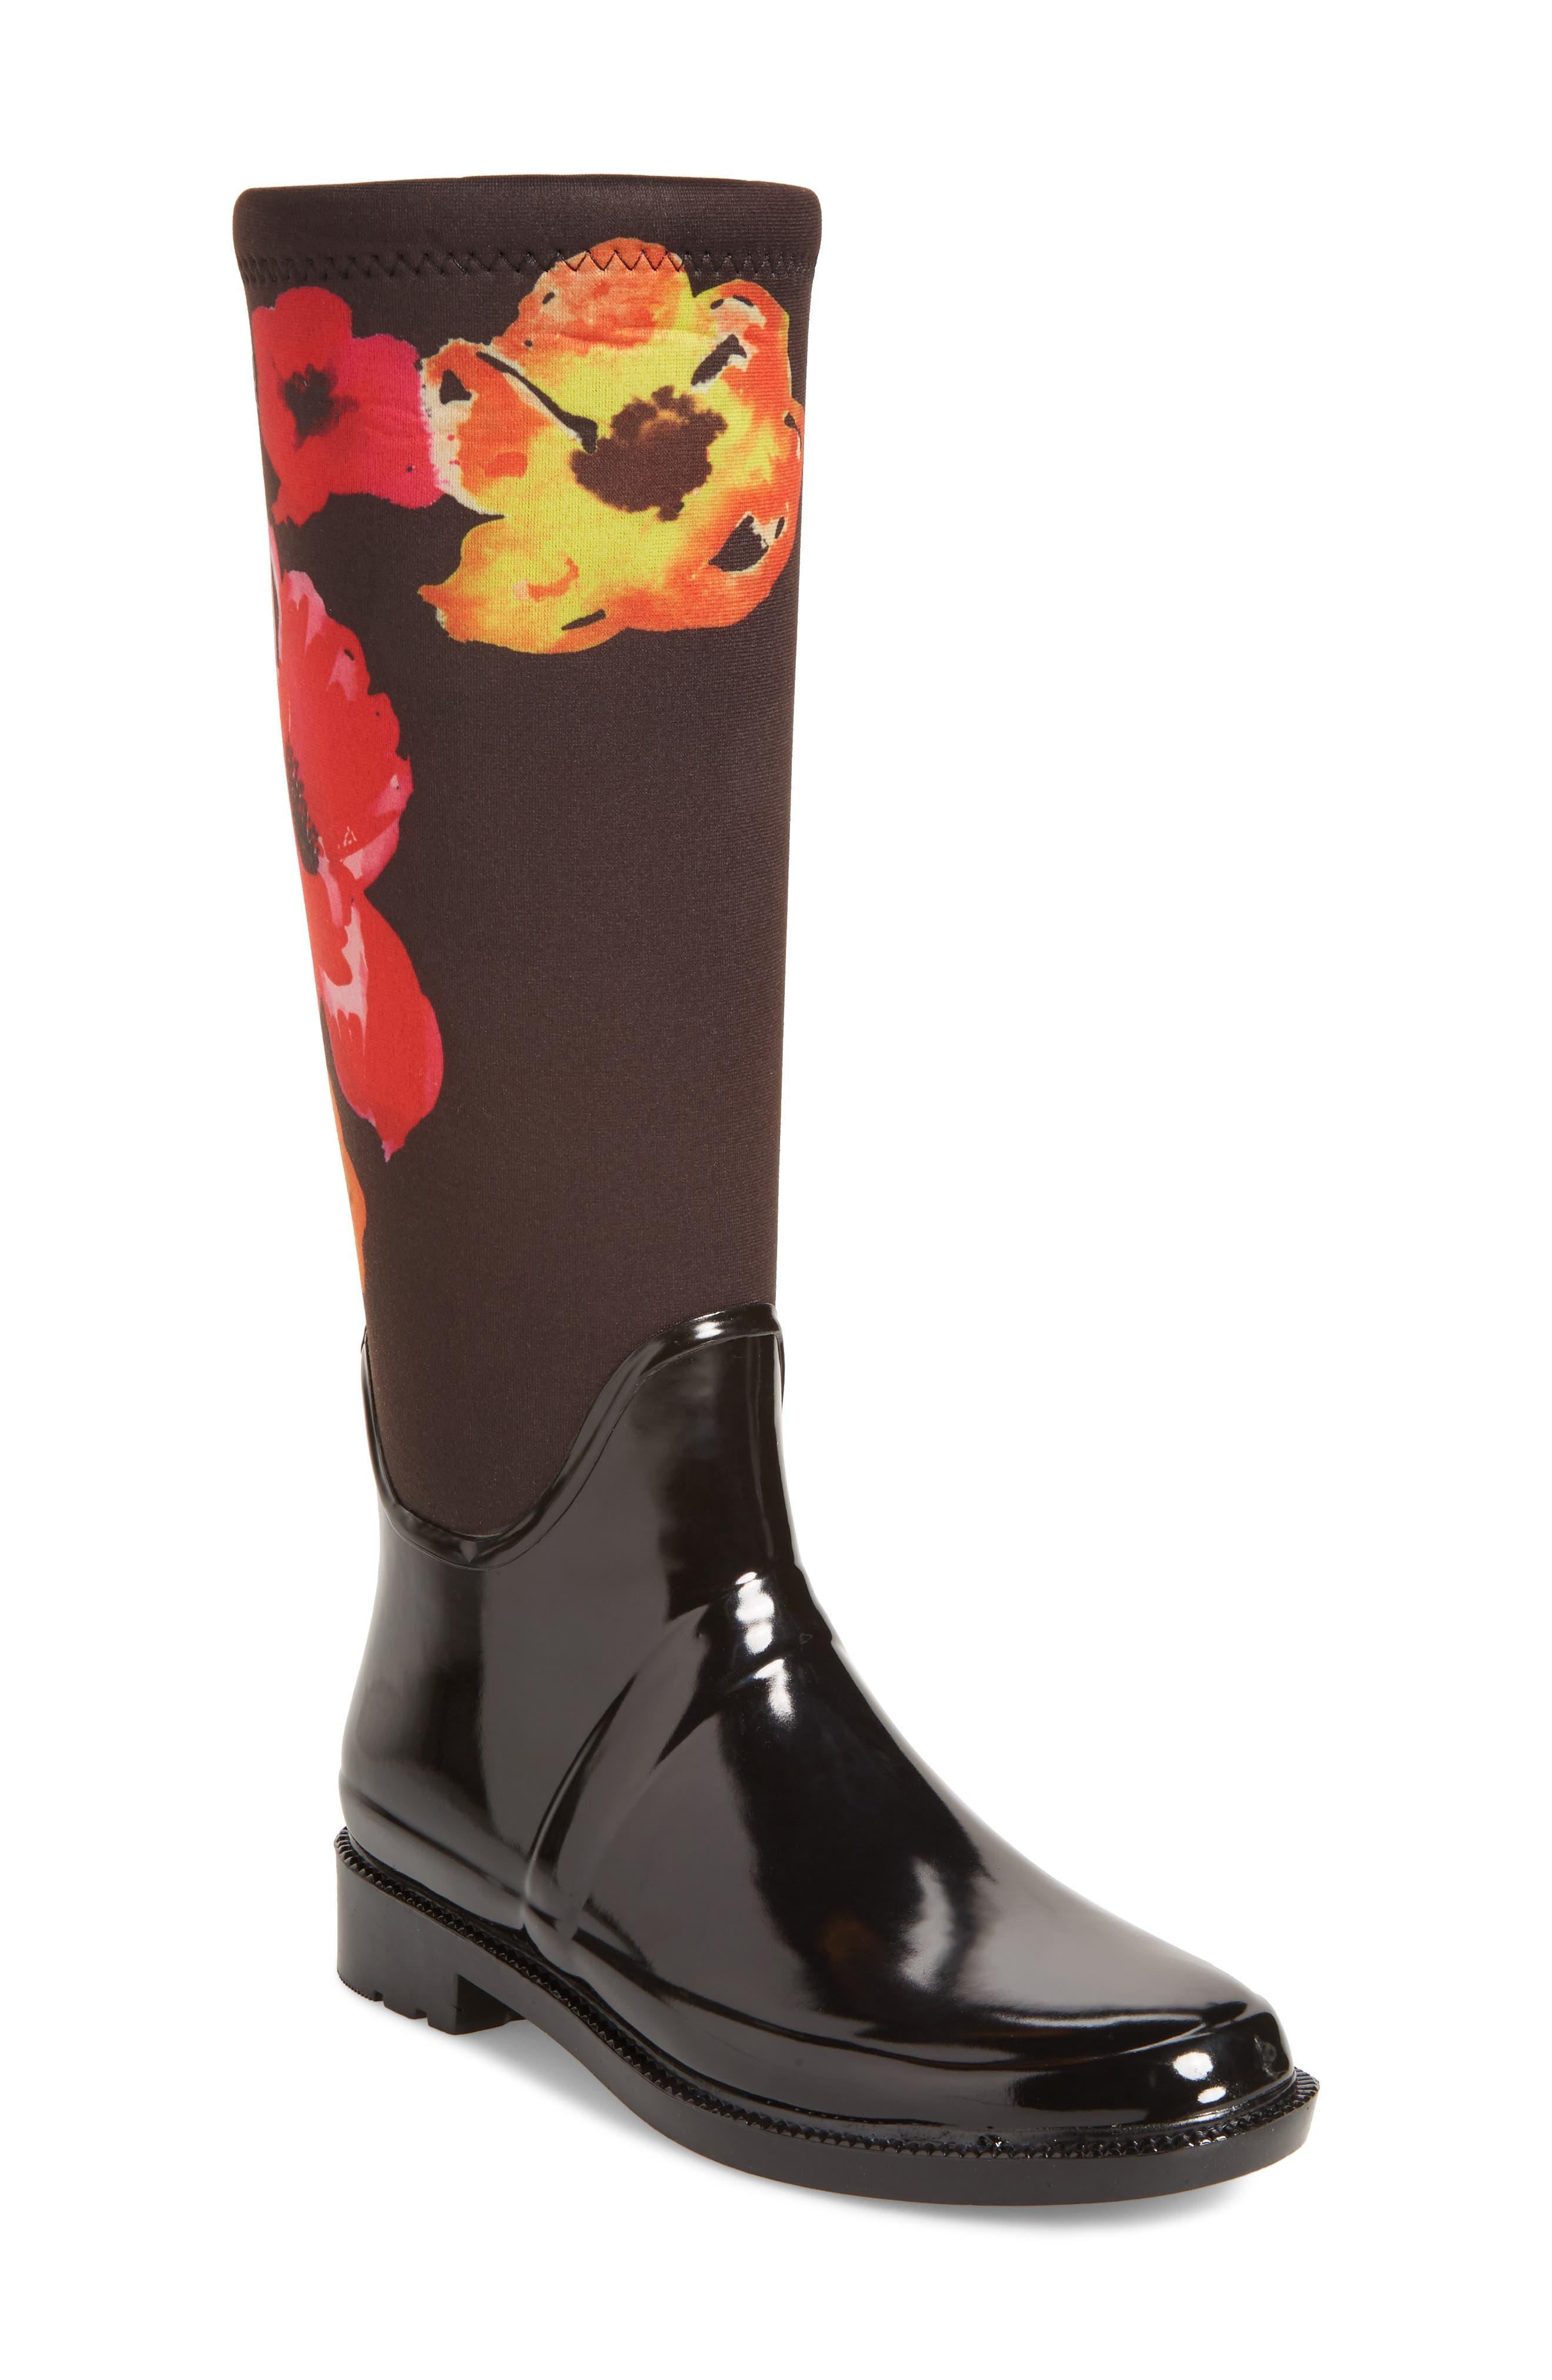 Talon Rain Boot,                             Main thumbnail 1, color,                             Black Floral Print